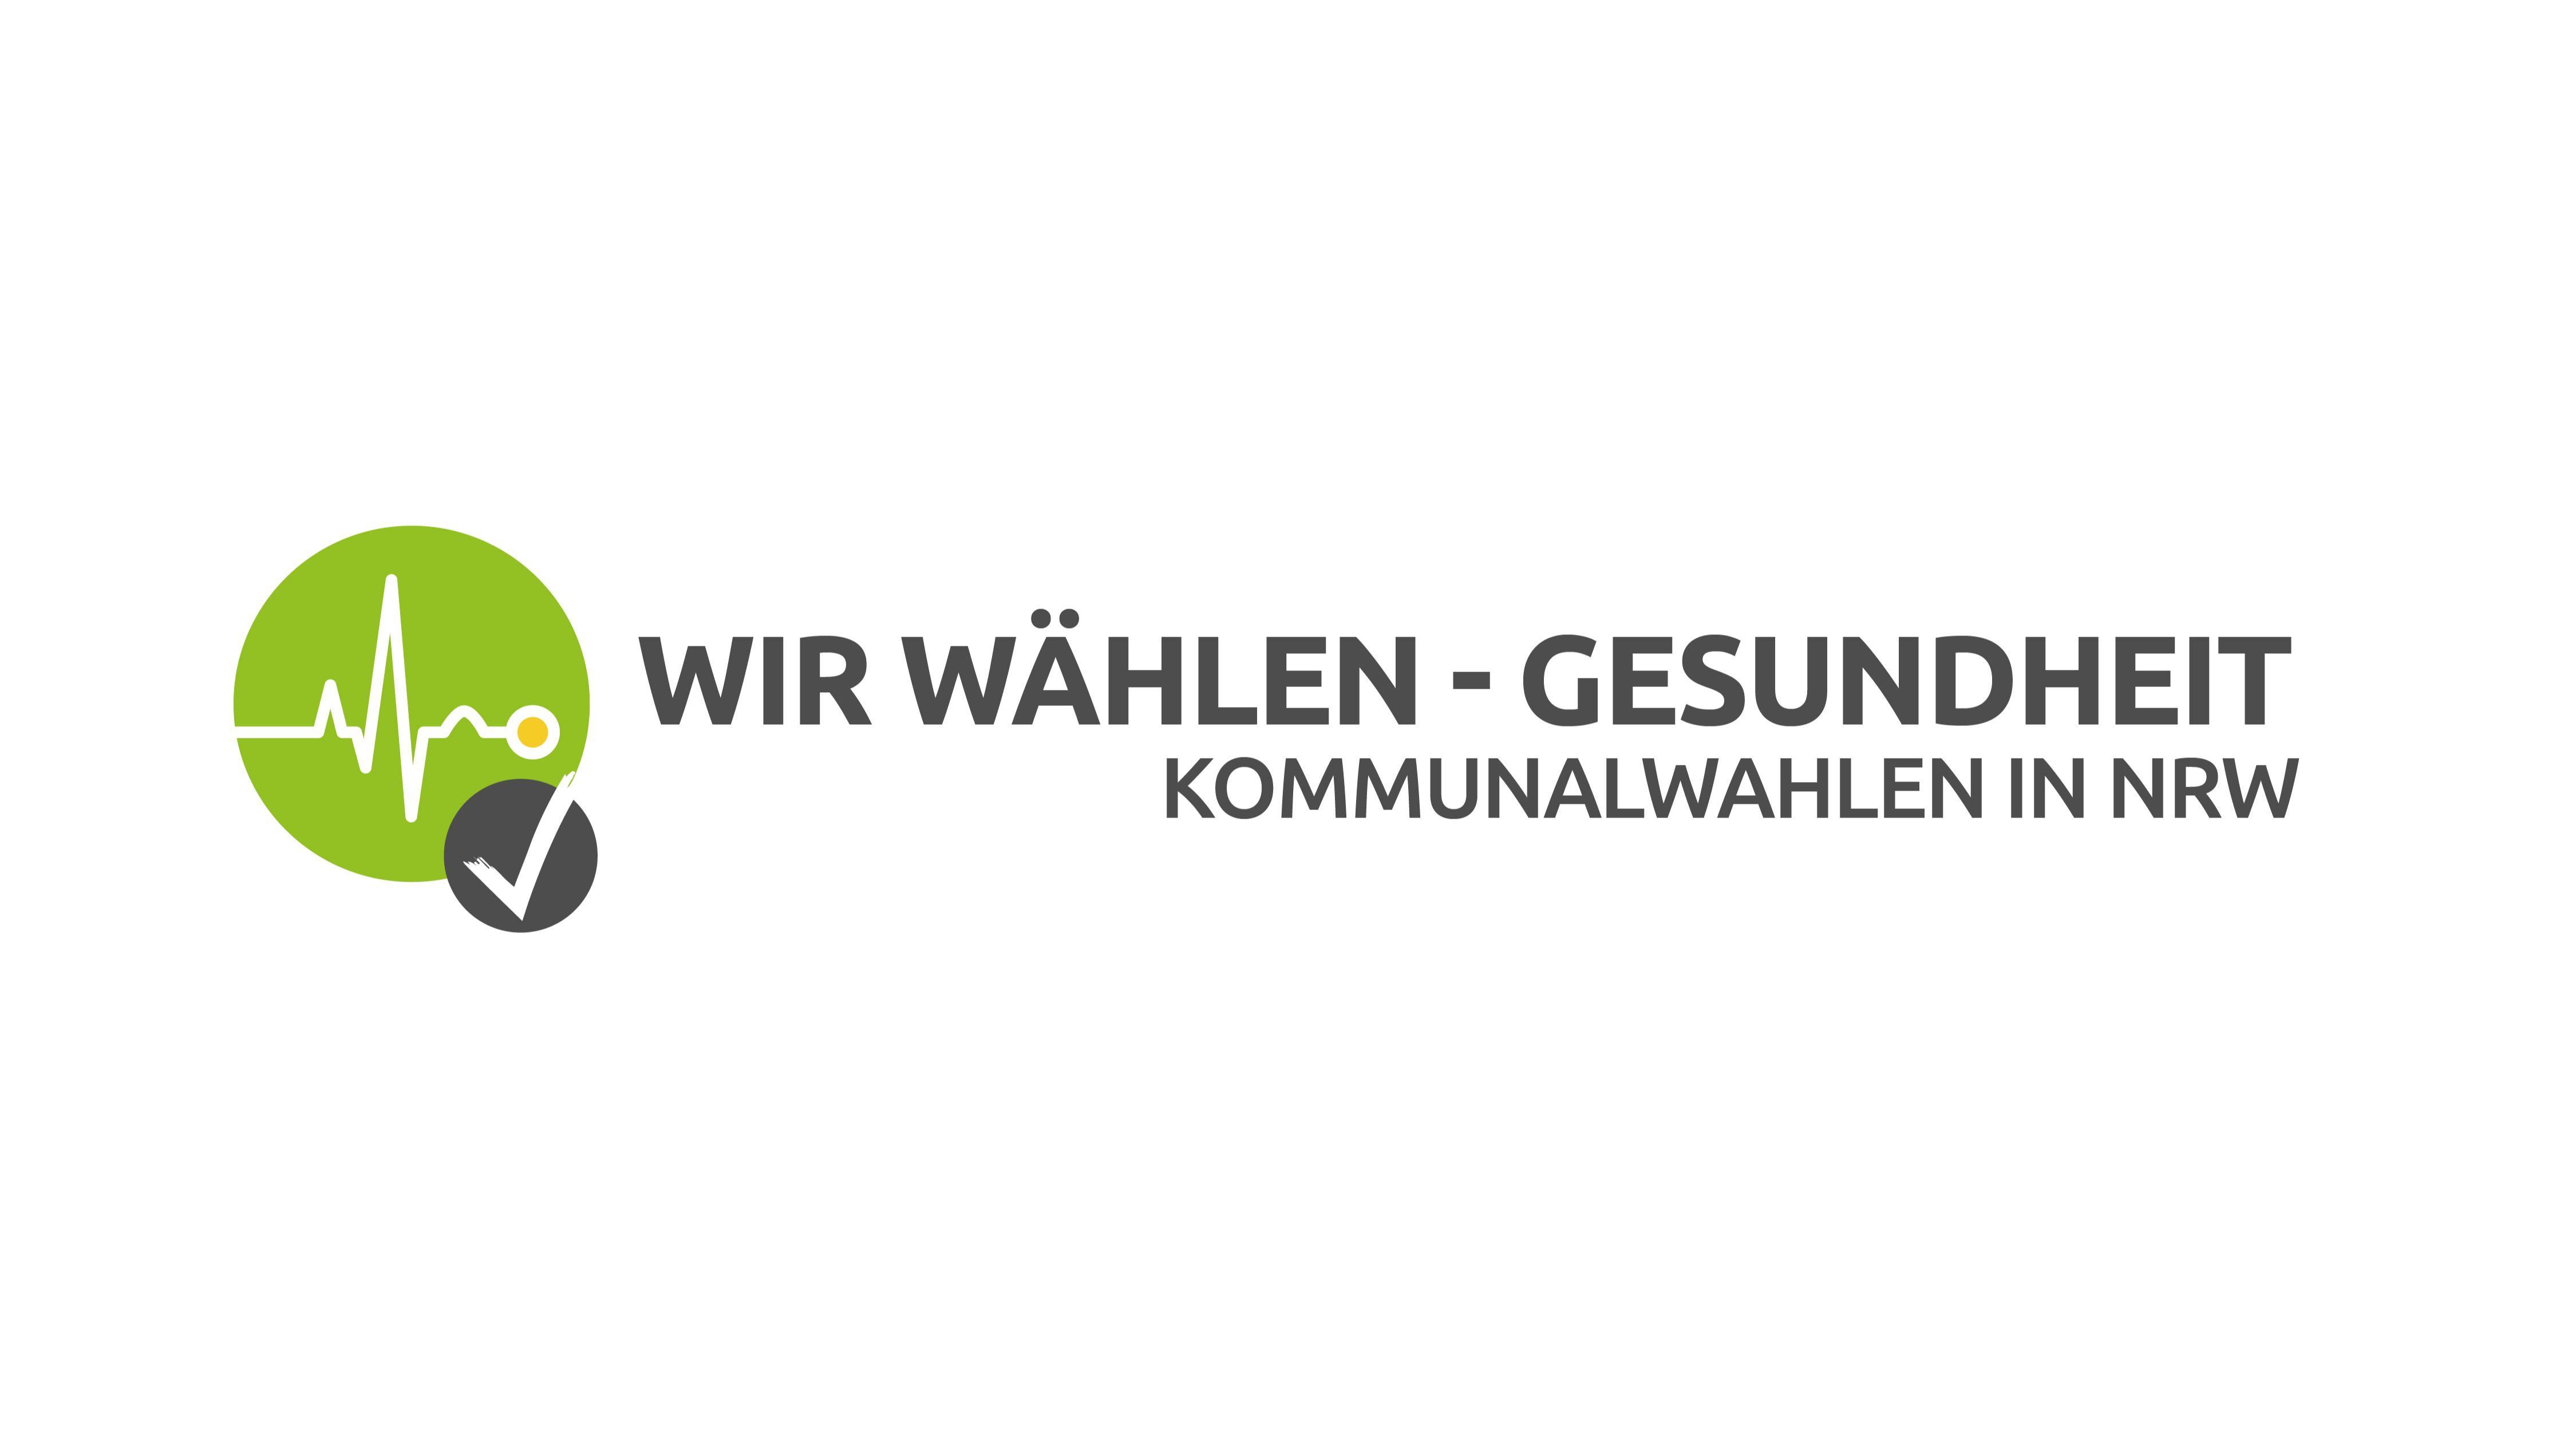 Wir wählen Gesundheit - Kommunalwahlen in NRW